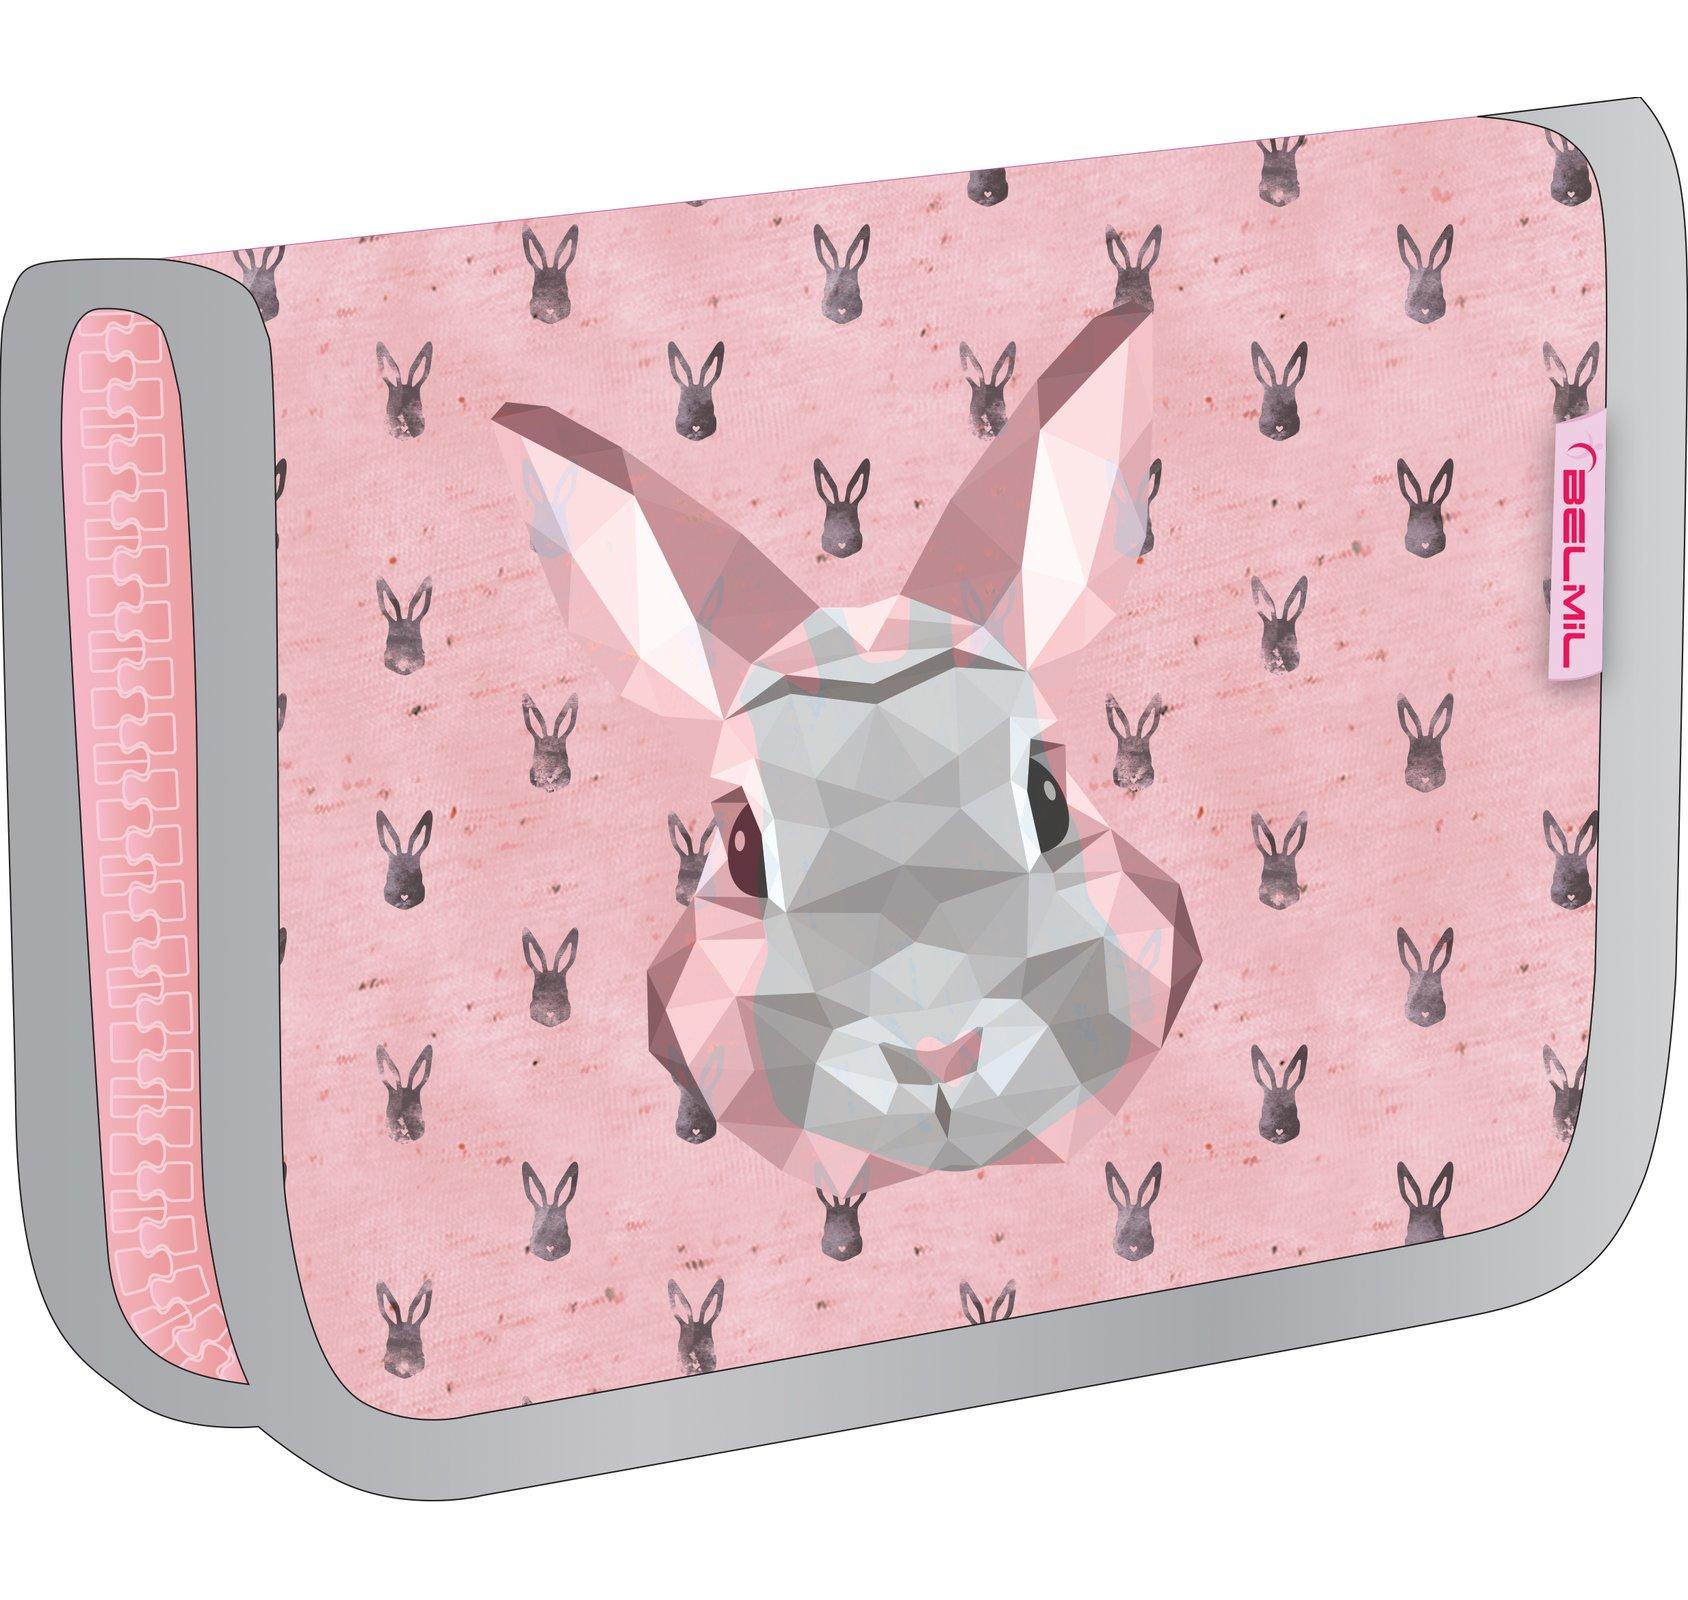 Пенал Belmil Кролик 335 72 Bunny, - фото 1